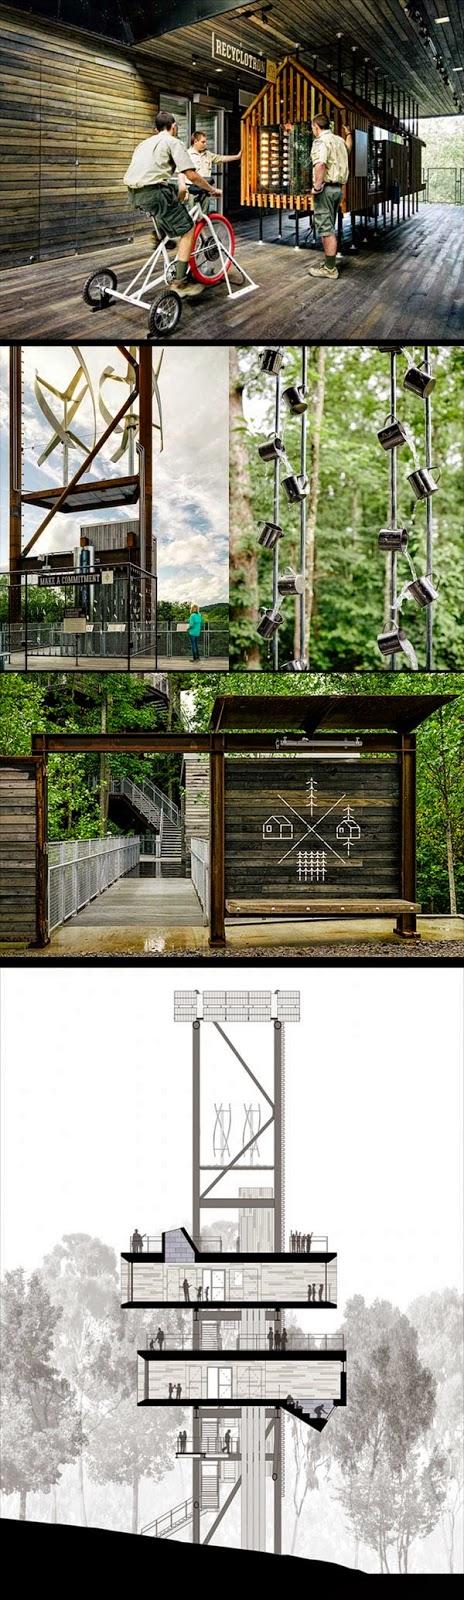 Rumah Pohon Pramuka Paling Keren | liataja.com